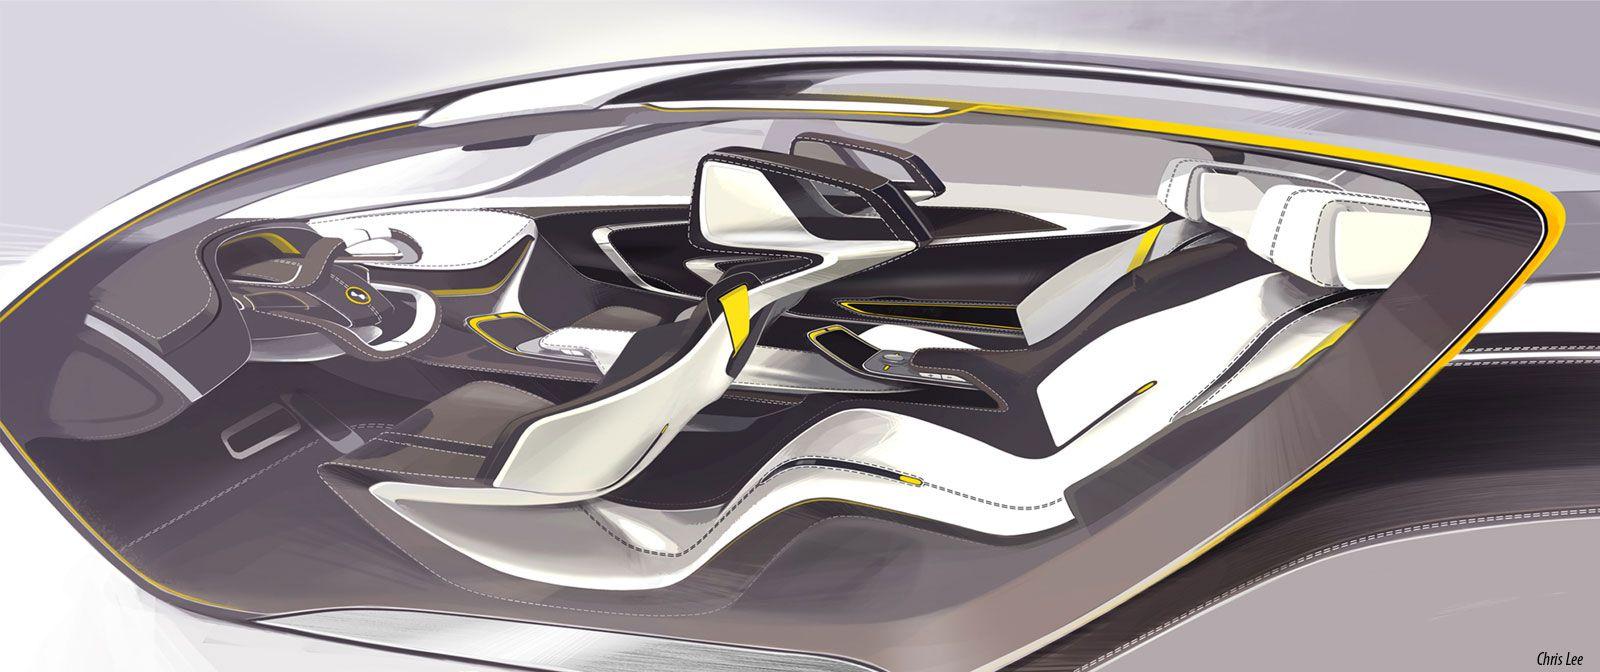 Bmw i6 concept interior design sketch i n t e r i o r